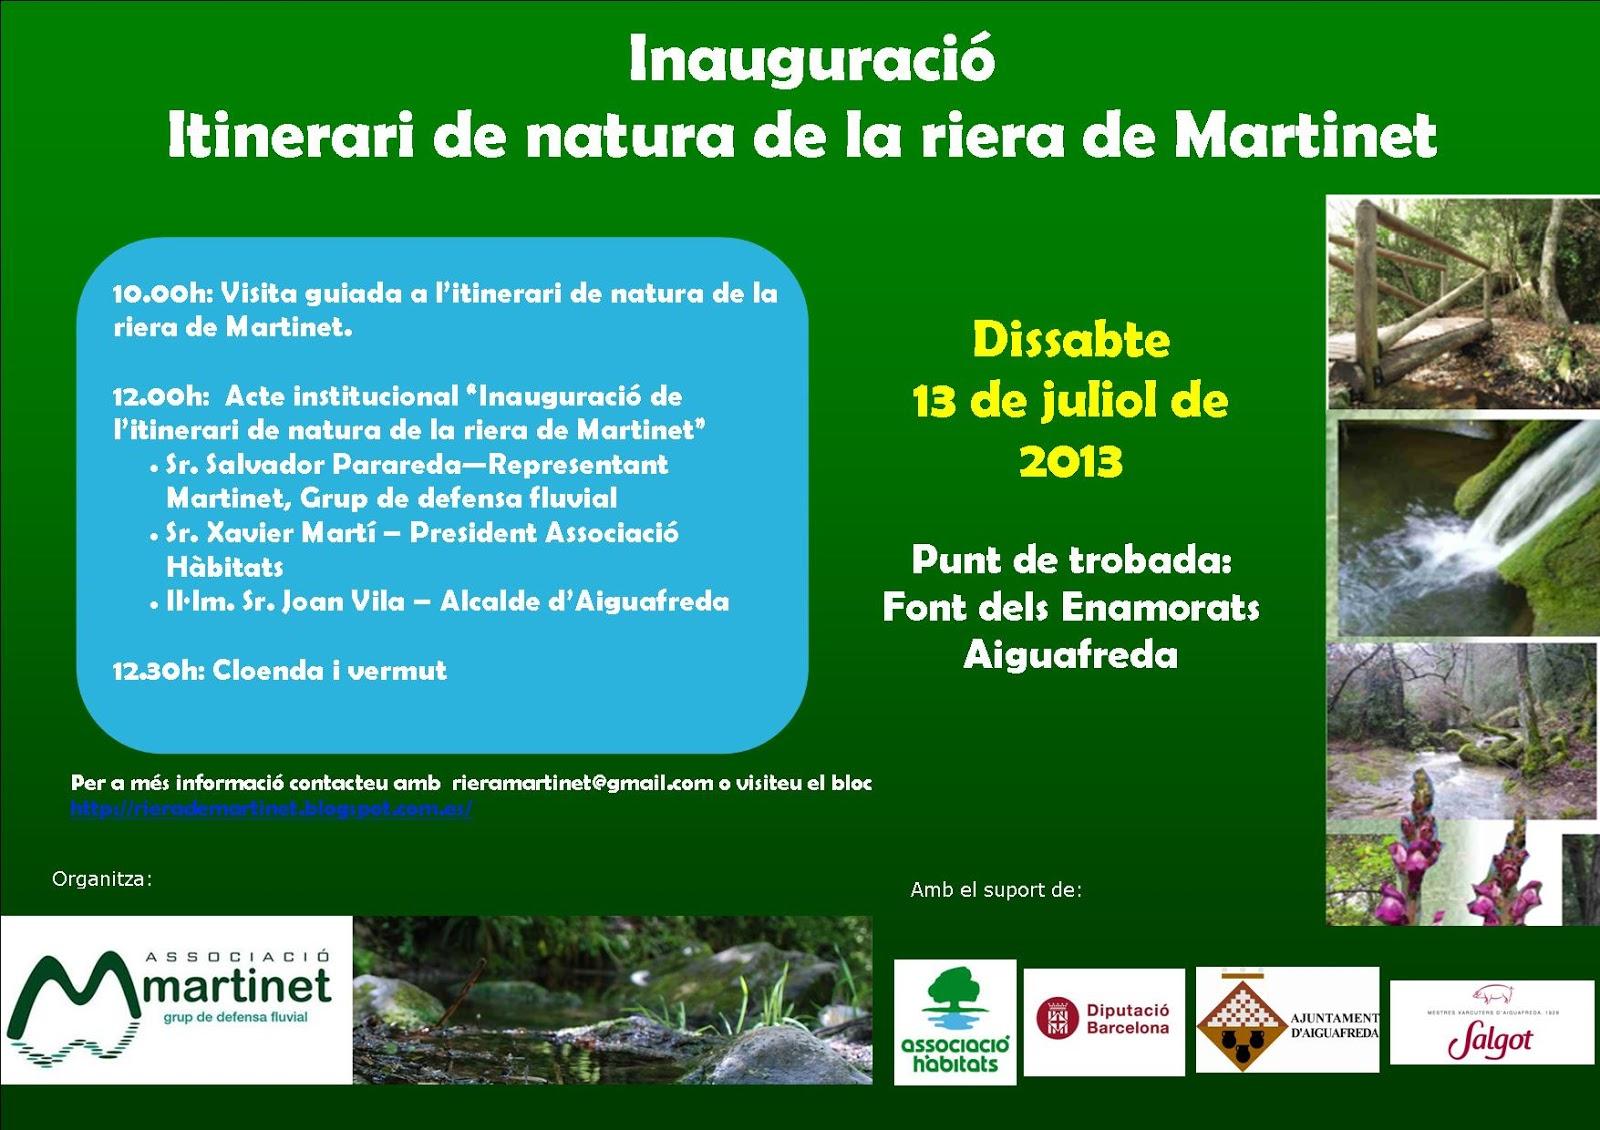 Inauguració itinerari riera de Martinet